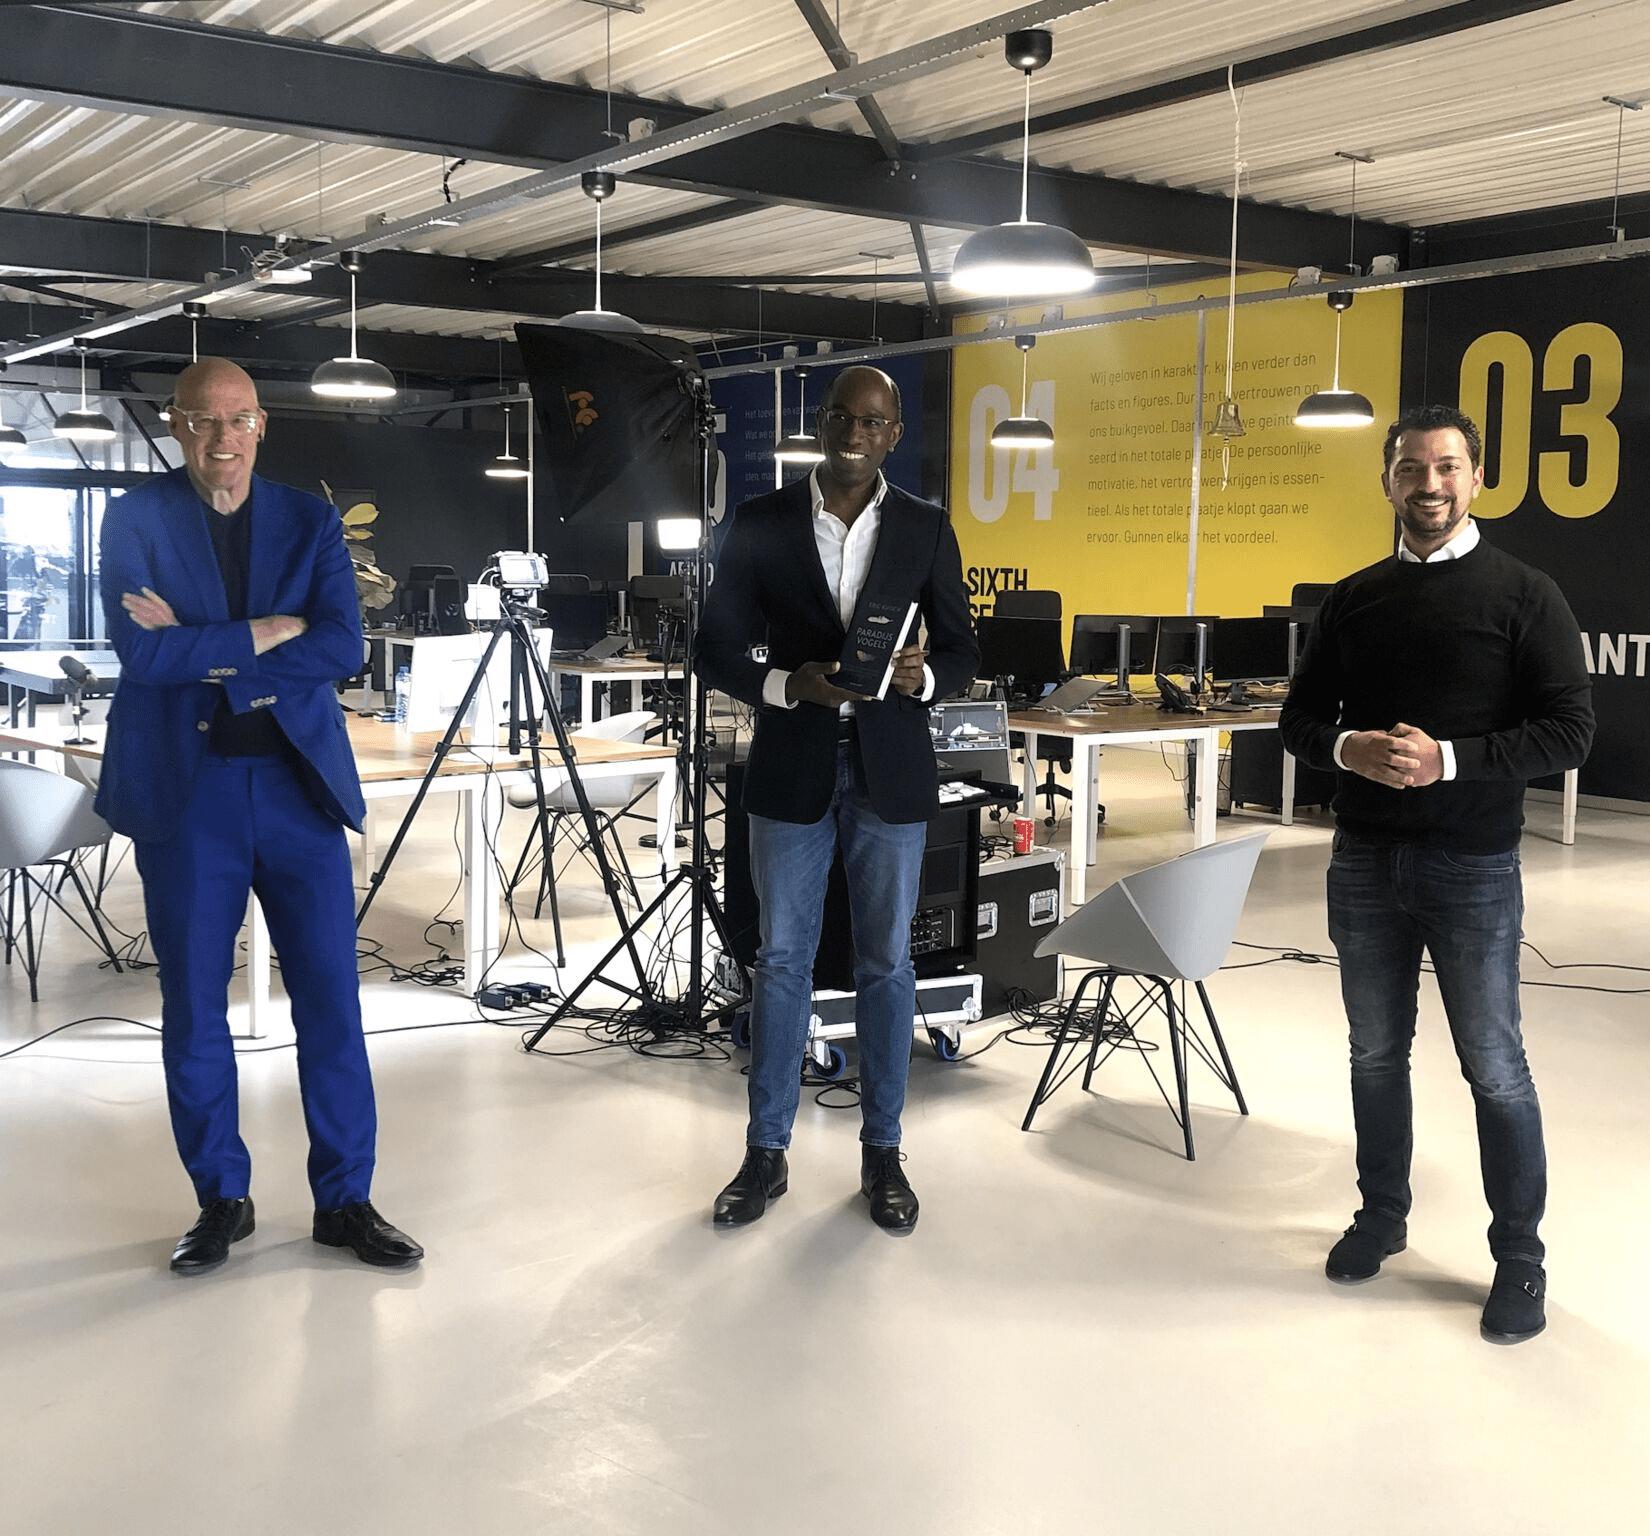 Vincent Everts, Fatih Gunes directeur van Progress en Eric Kuisch auteur 'Paradijsvogels' en COO bij Eurofiber